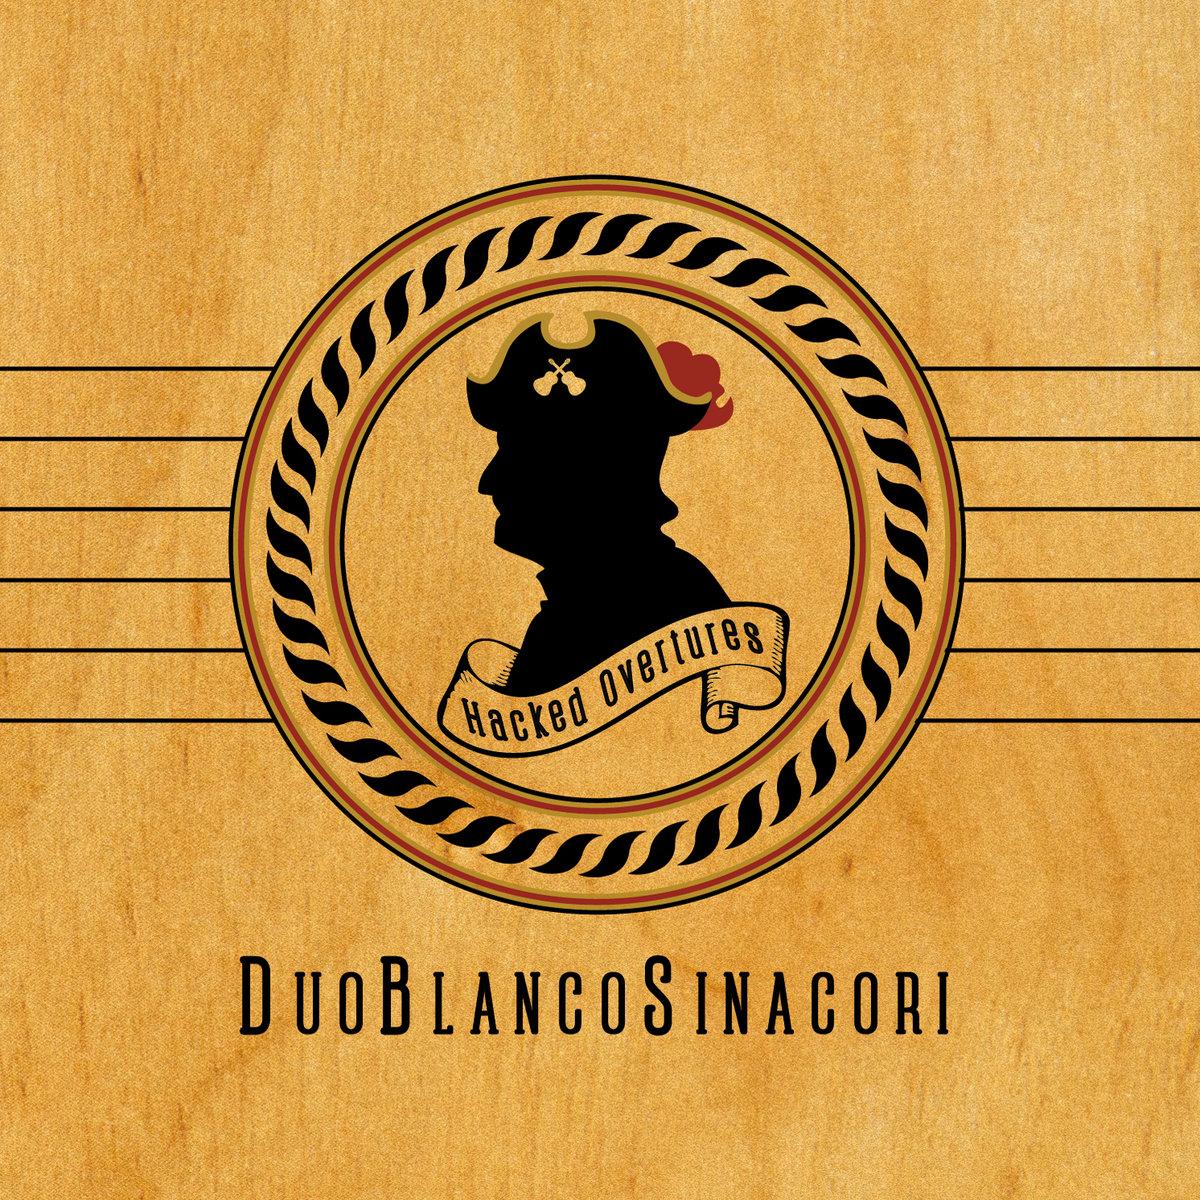 duo blanco sinacori - hacked overture - almendra music